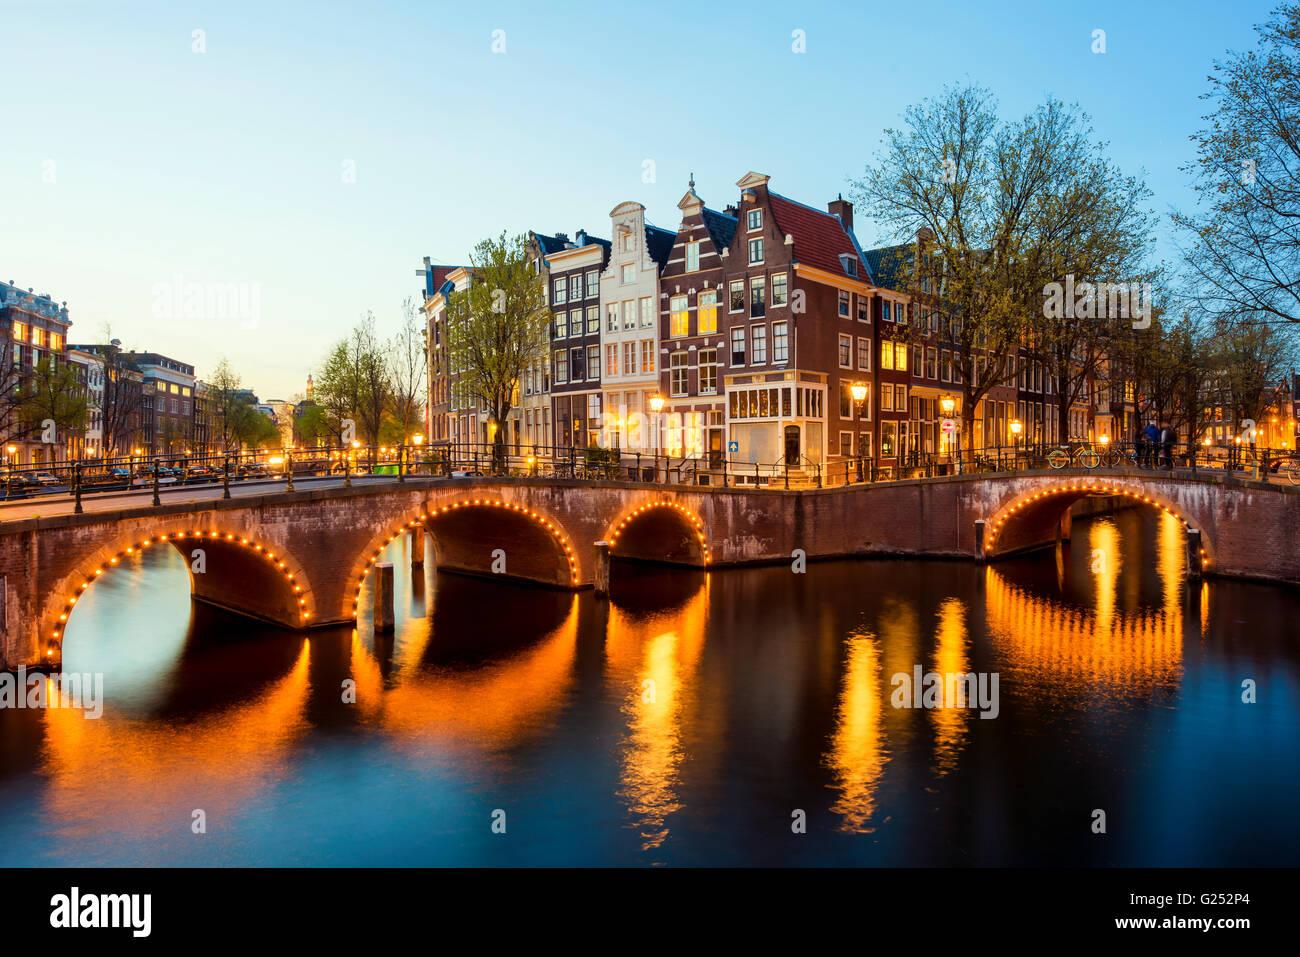 Vista meravigliosa sulle case di Amsterdam nella notte, Paesi Bassi Immagini Stock